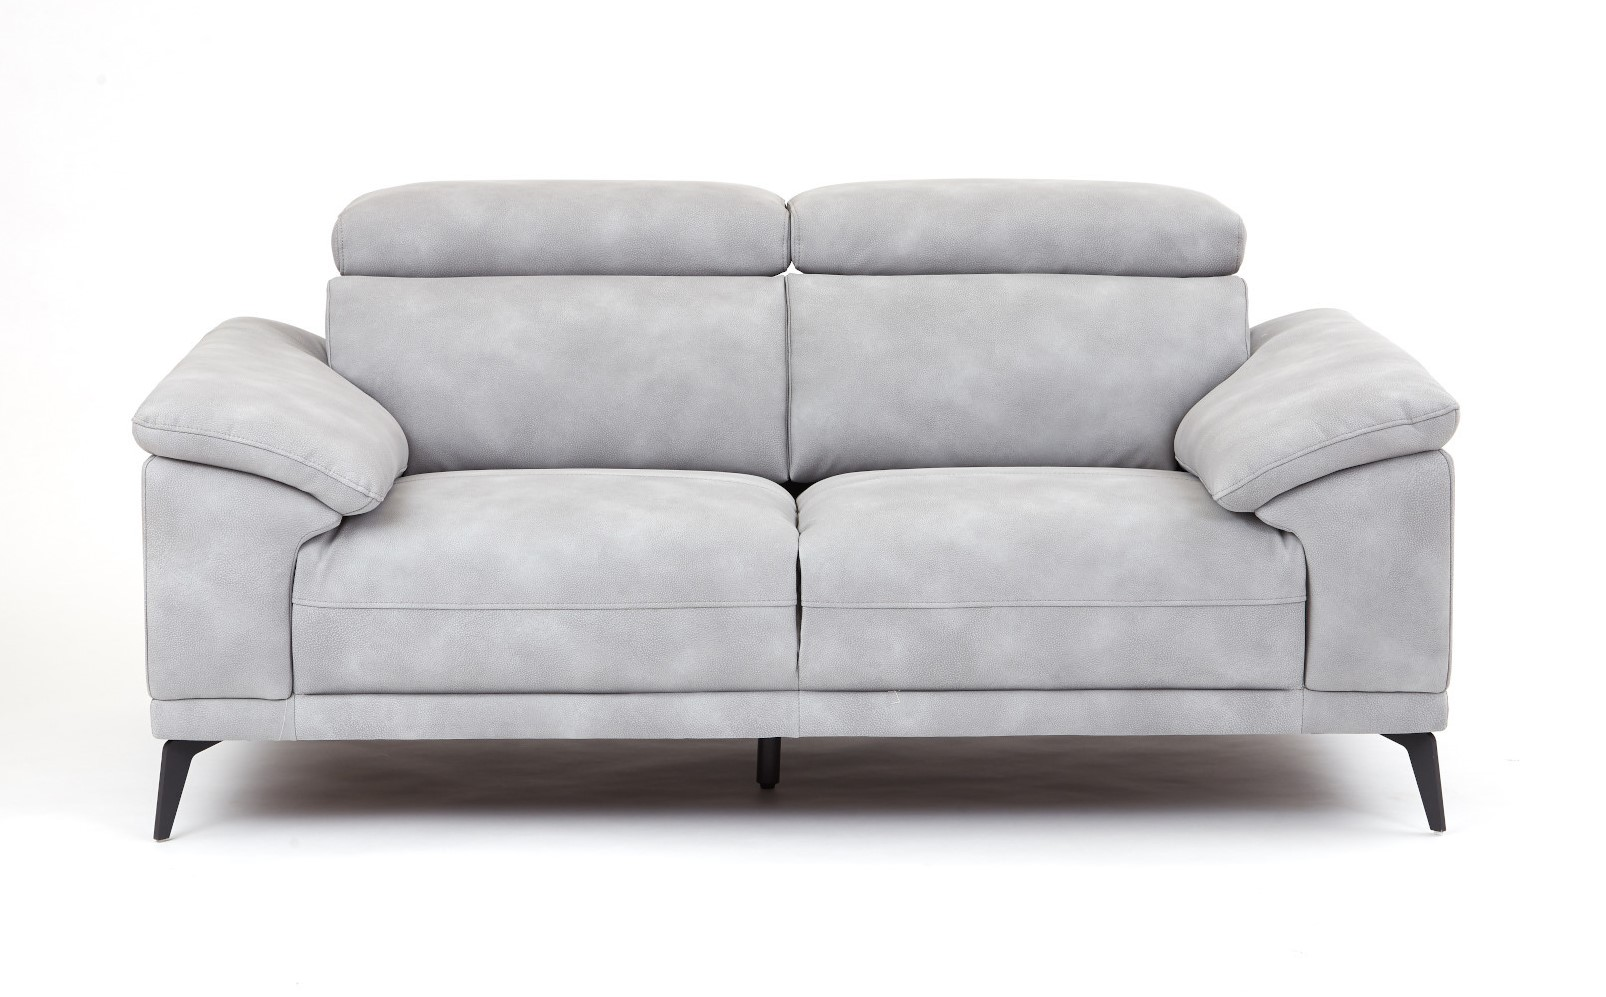 Montero 2 Seater Sofa - Grey